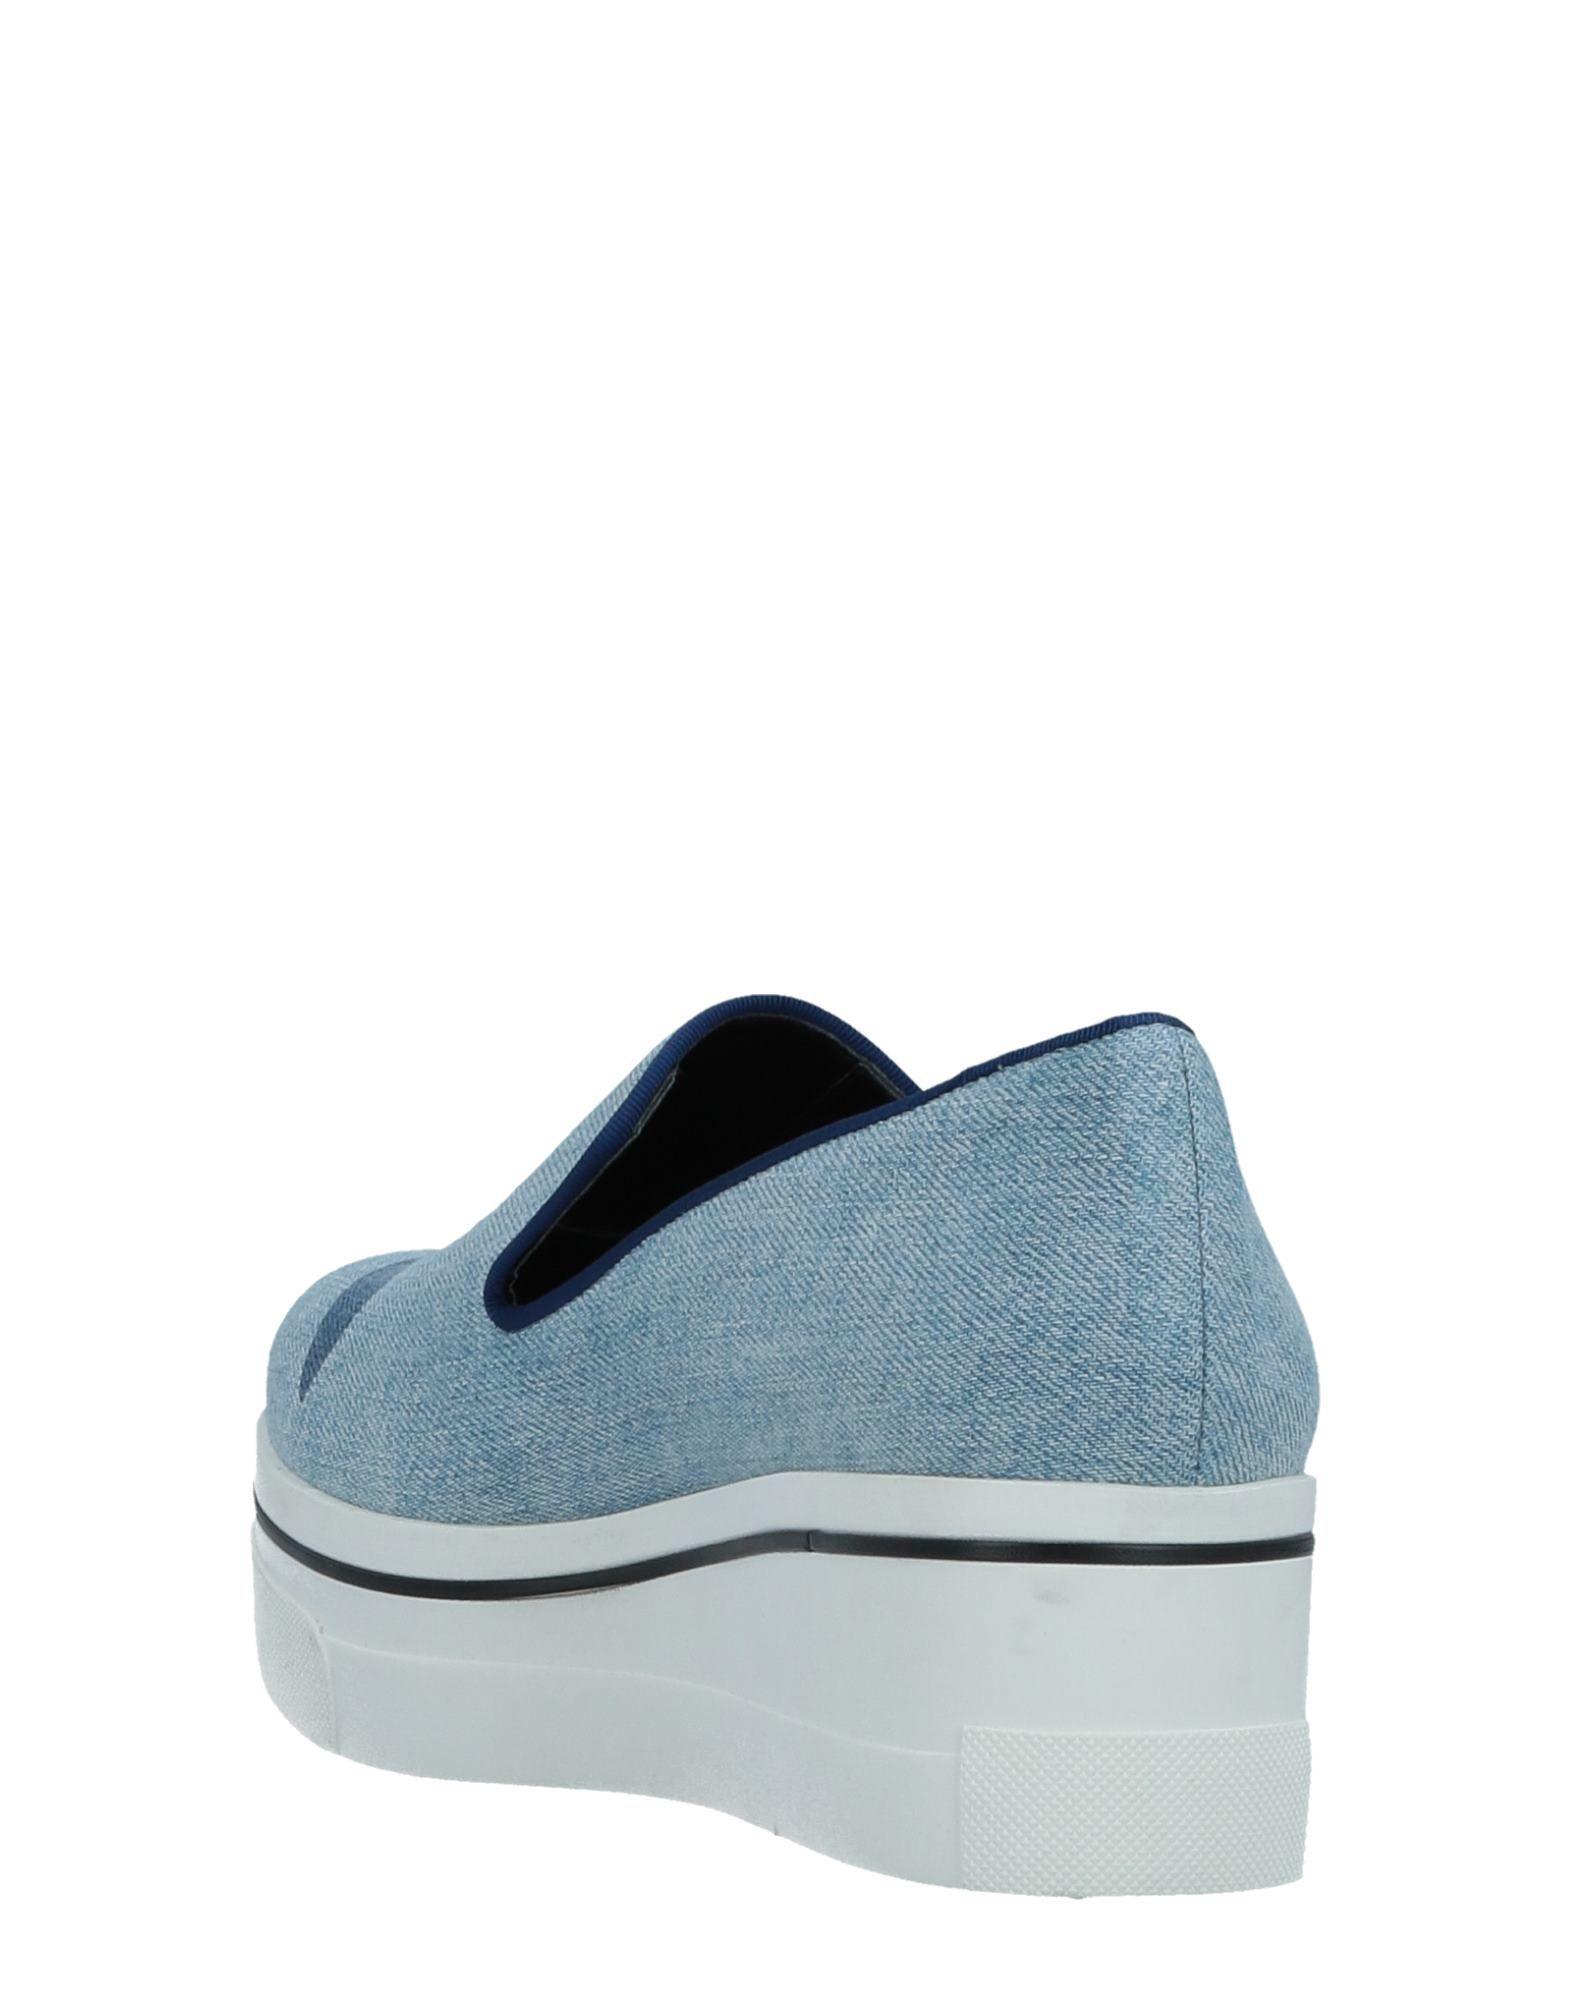 Rabatt Schuhe Stella Mccartney Mokassins Damen  11515972IO